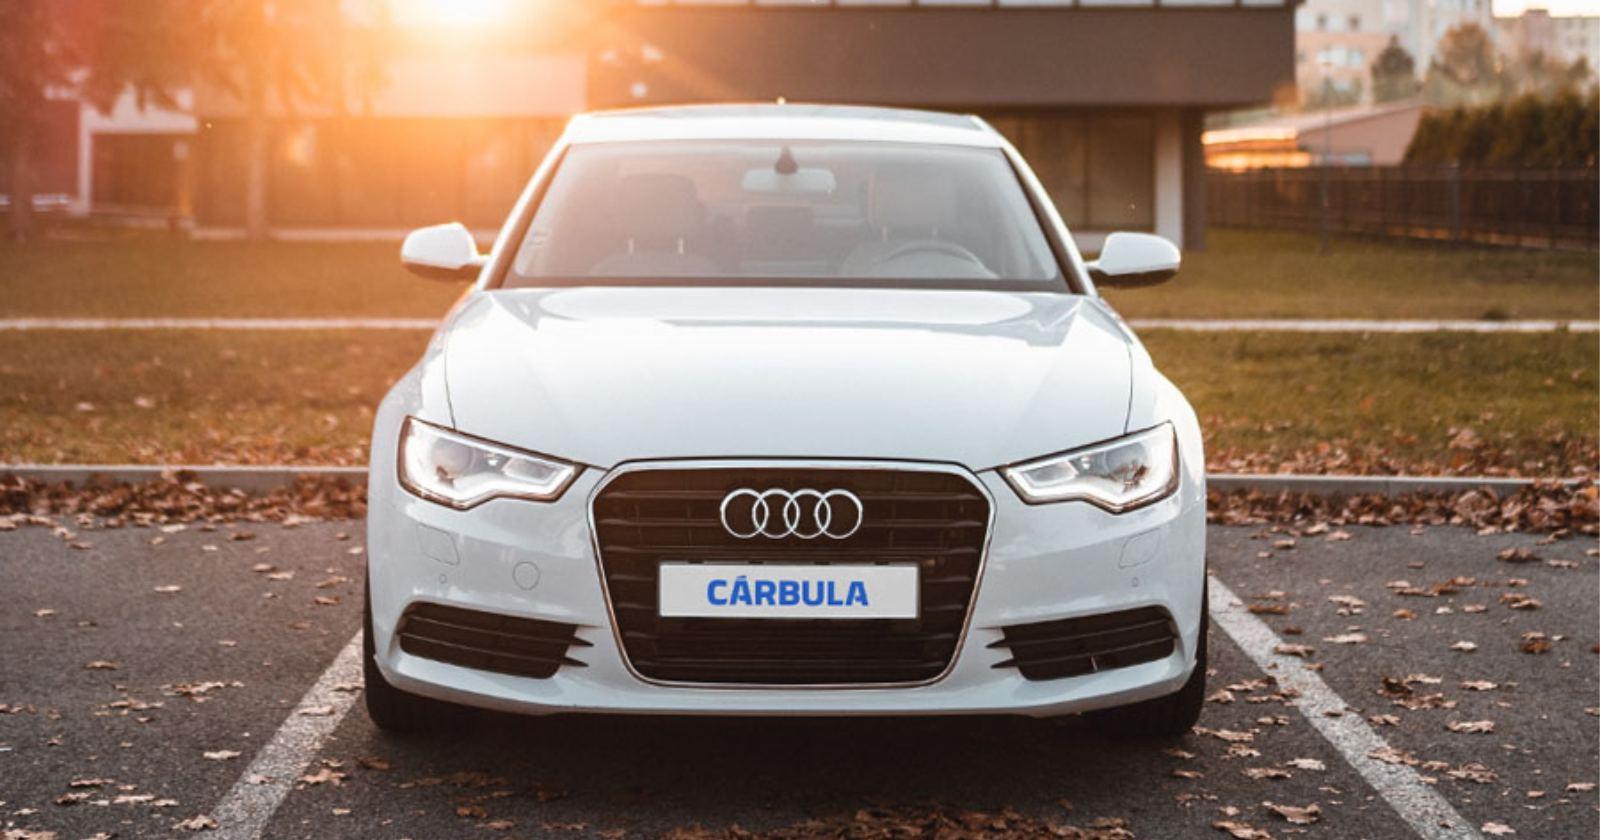 Plataforma utiliza estrategia tecnológica para vender autos usados en corto plazo